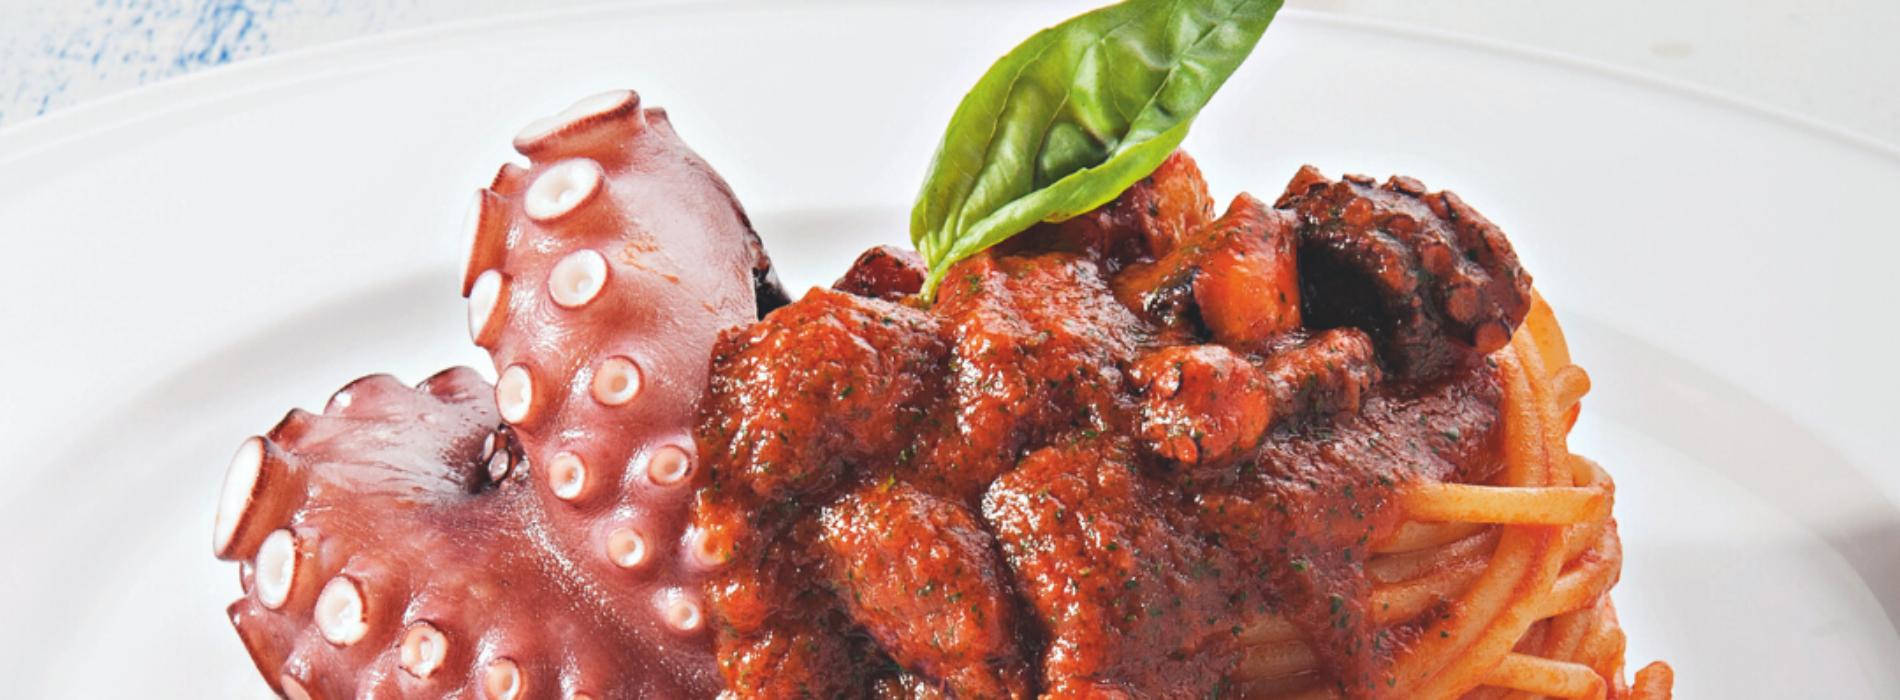 Spaghetti e polpo, la ricetta di Antonino Cannavacciuolo da fare a casa